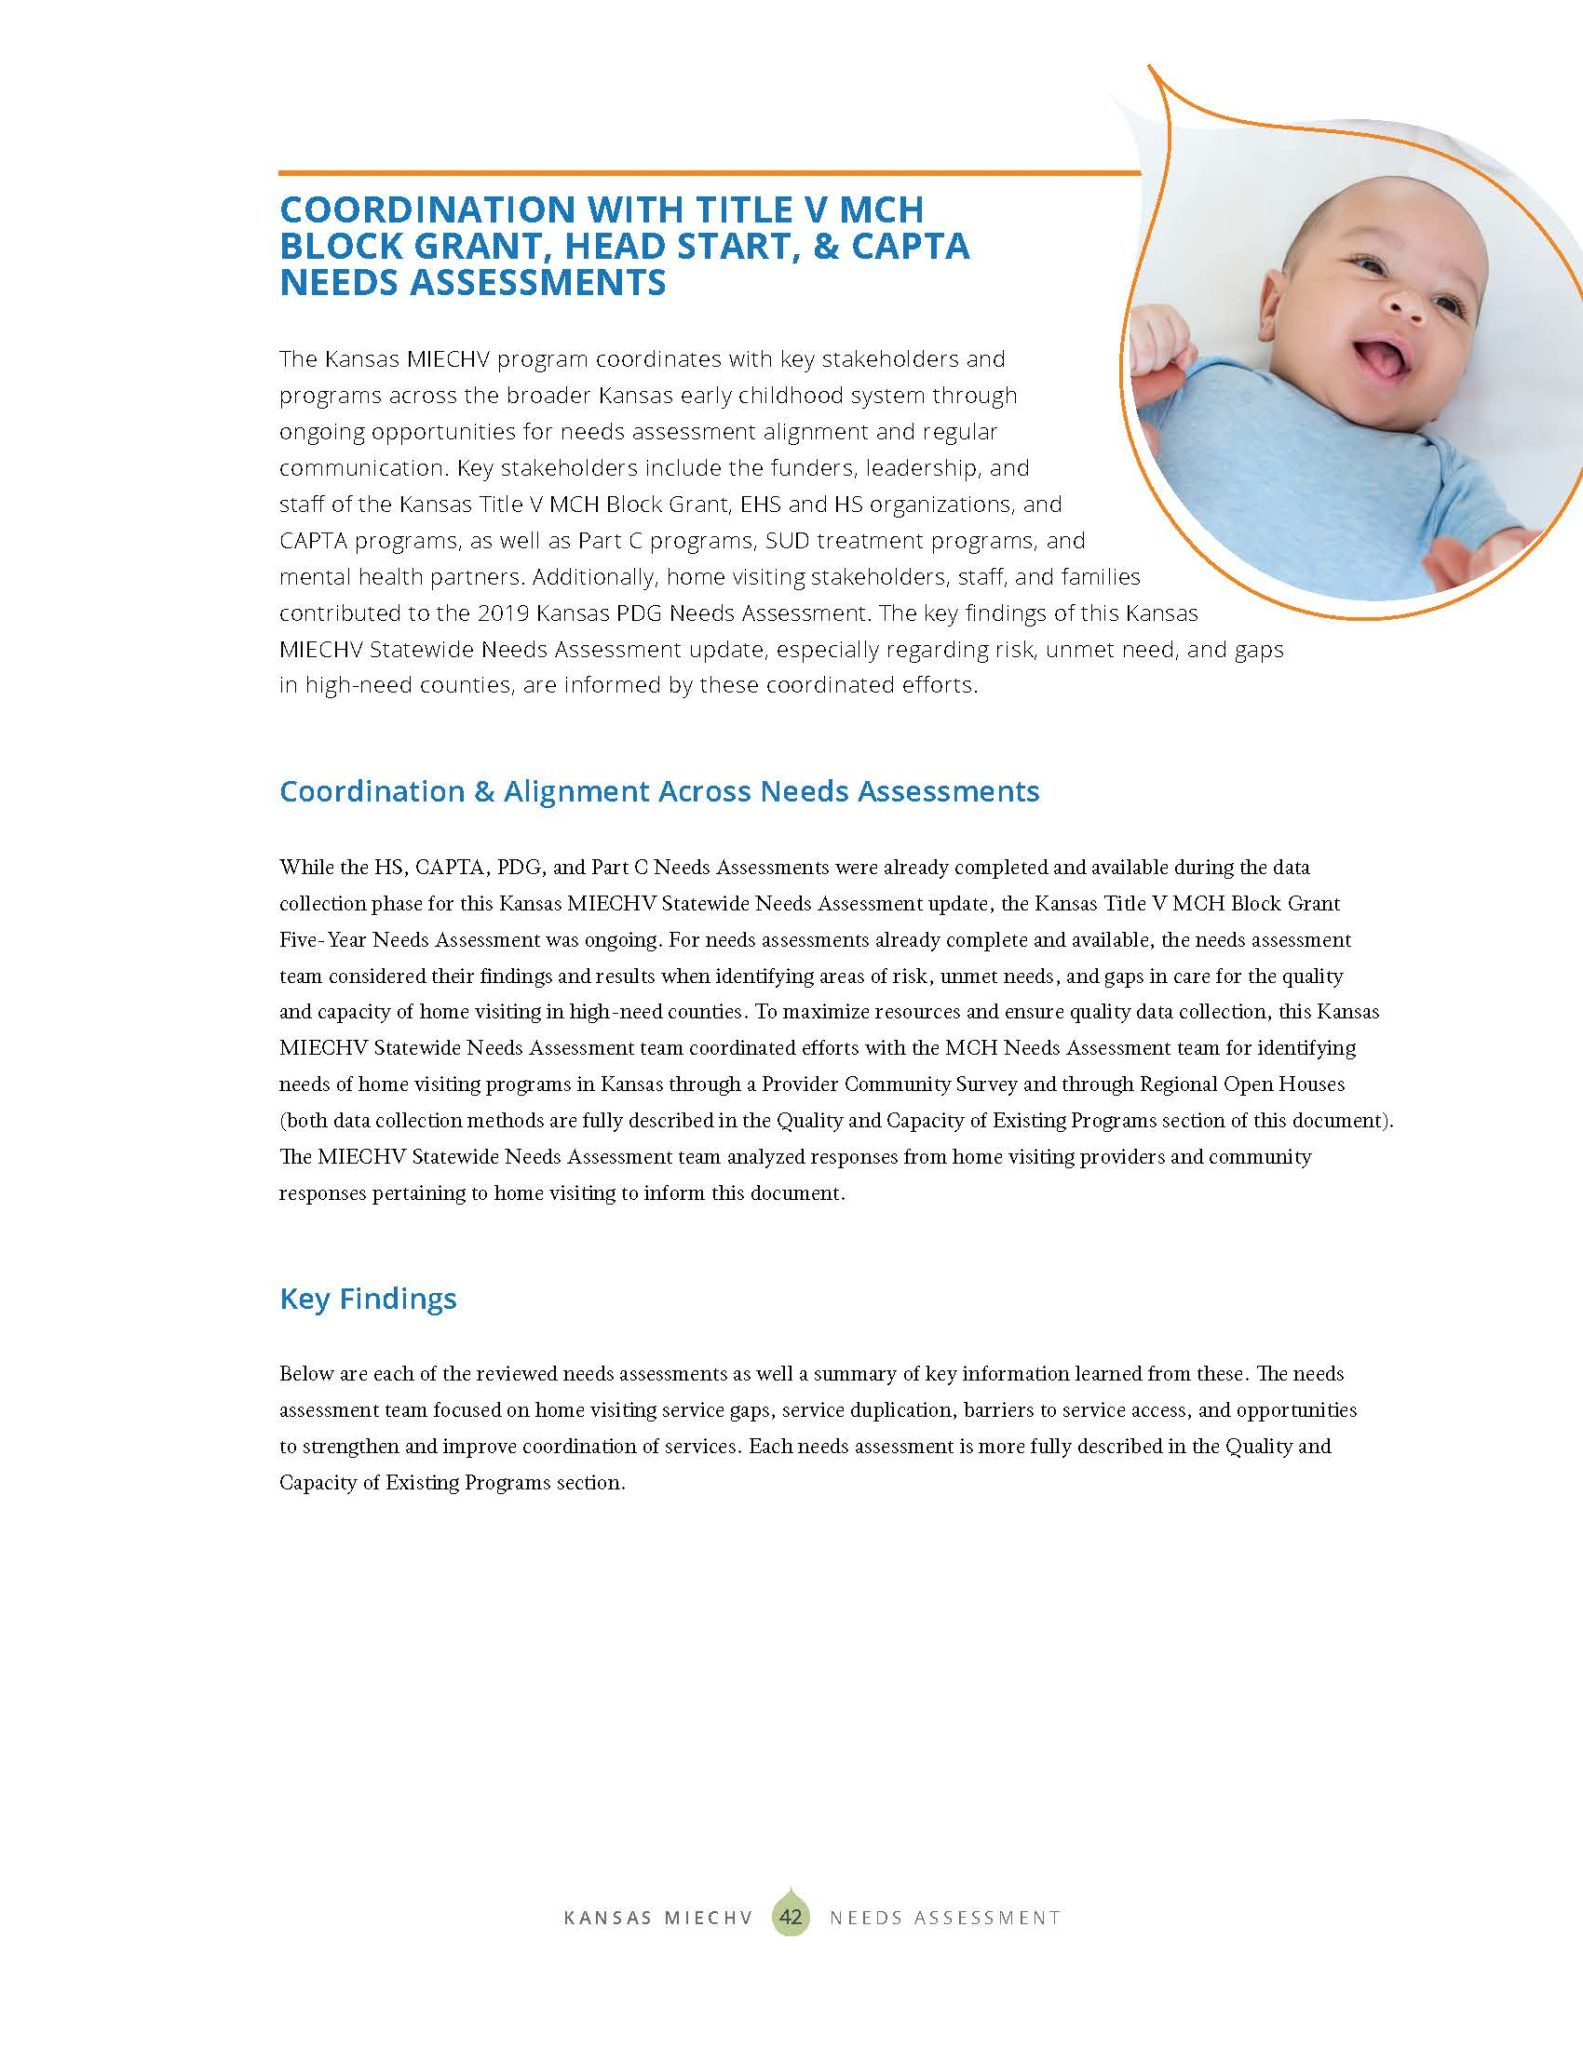 KS MIECHV 2020 Needs Assessment_DIGITAL_Page_050